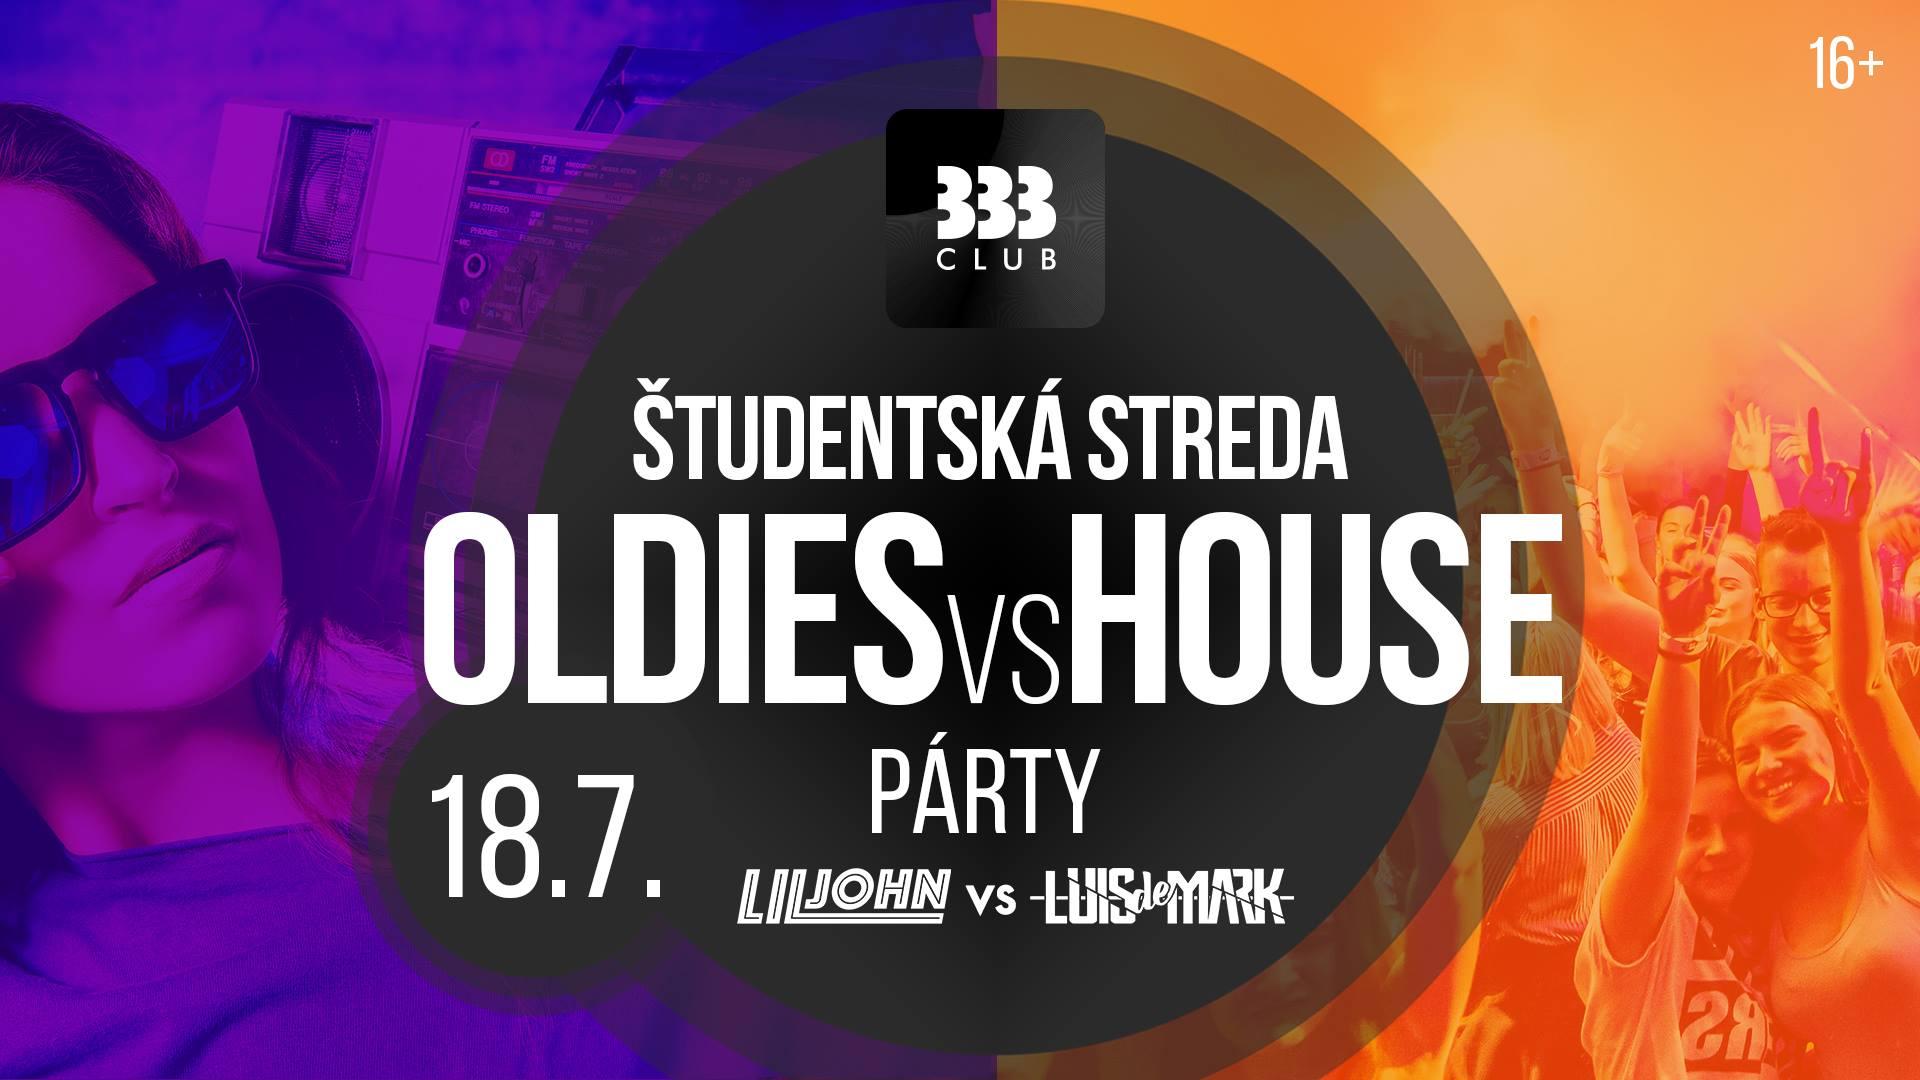 Oldies VS House Párty 16+ /// Str 18.7.